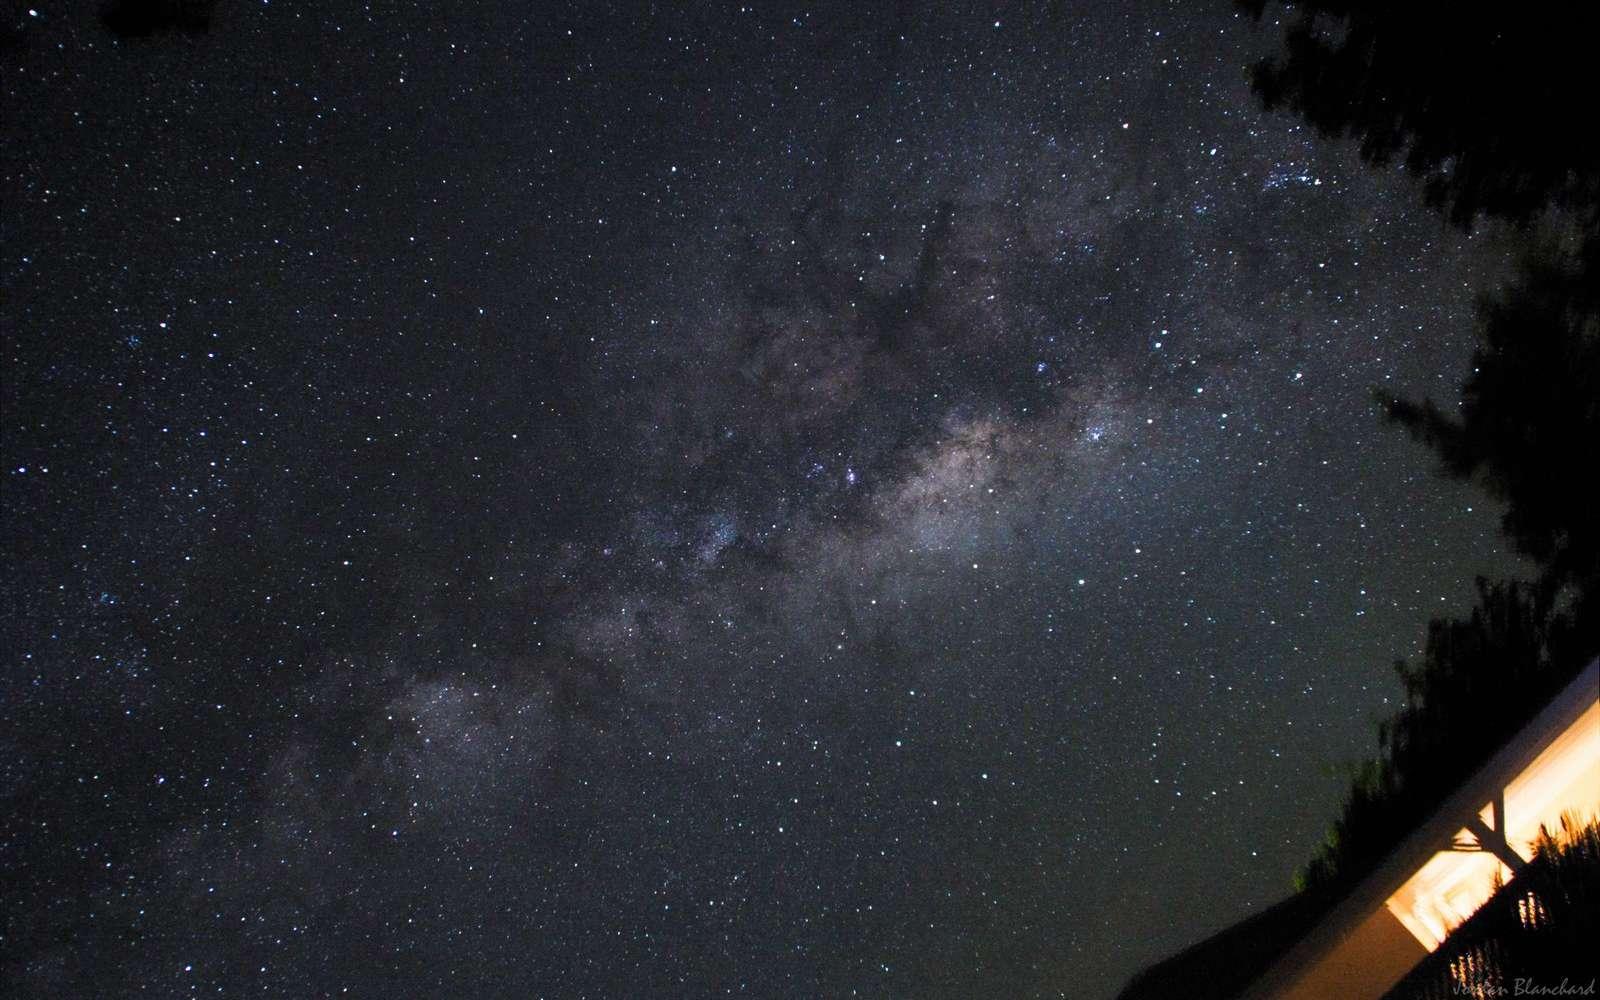 La Voie lactée saisie dans toute sa splendeur depuis les Antilles françaises. © J. Blanchard